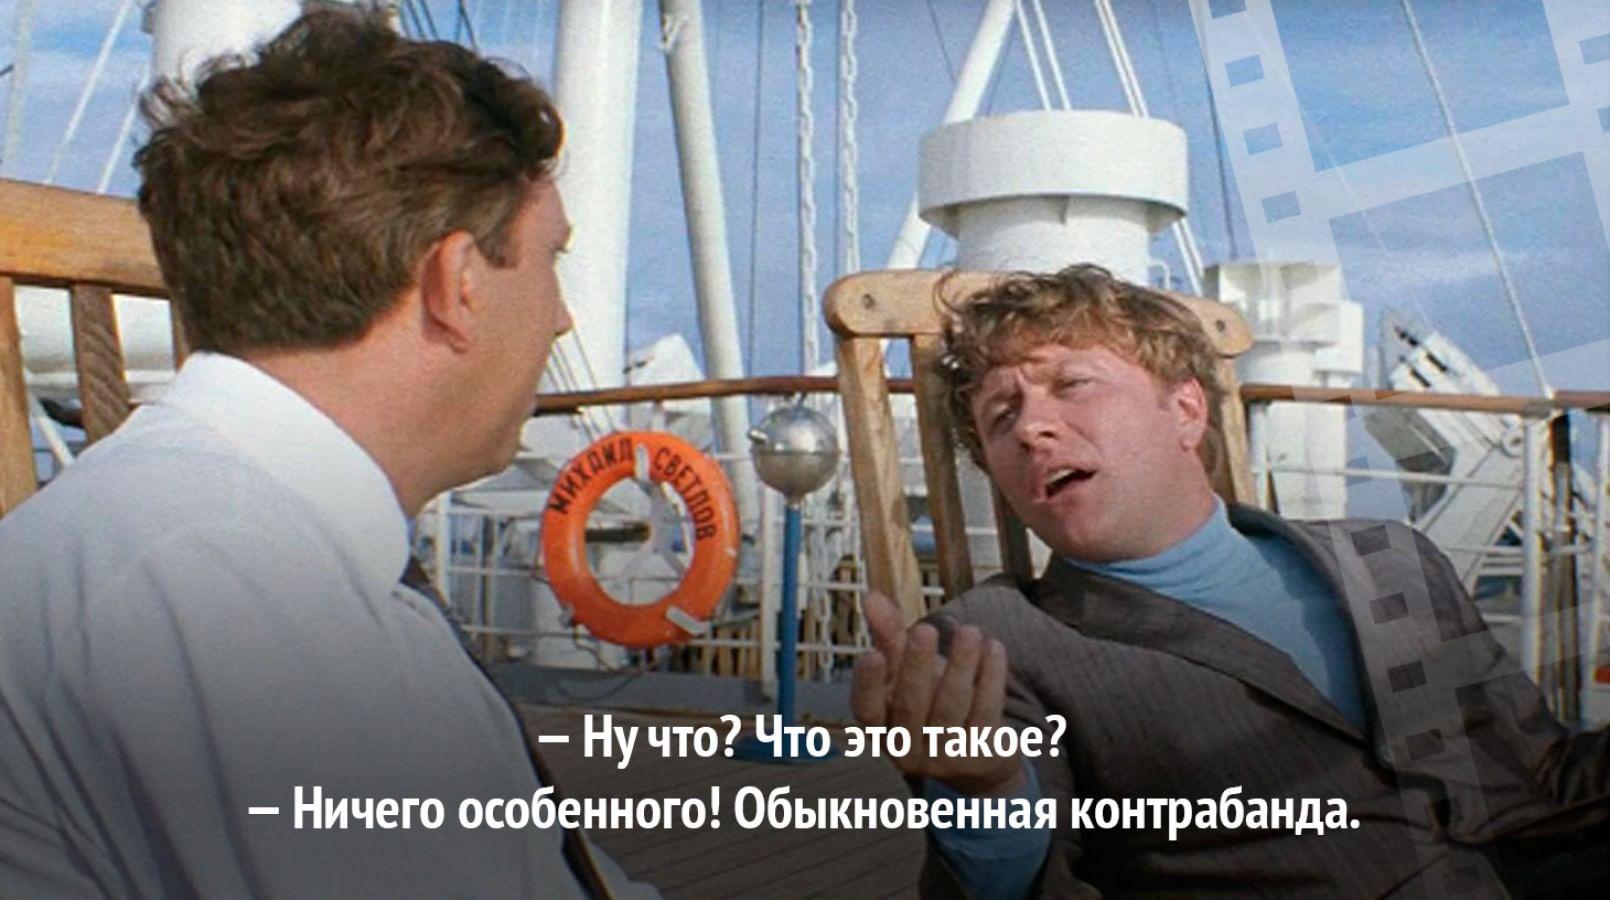 Геннадий Петрович Козодоев в «Бриллиантовой руке» занимался контрабандой.